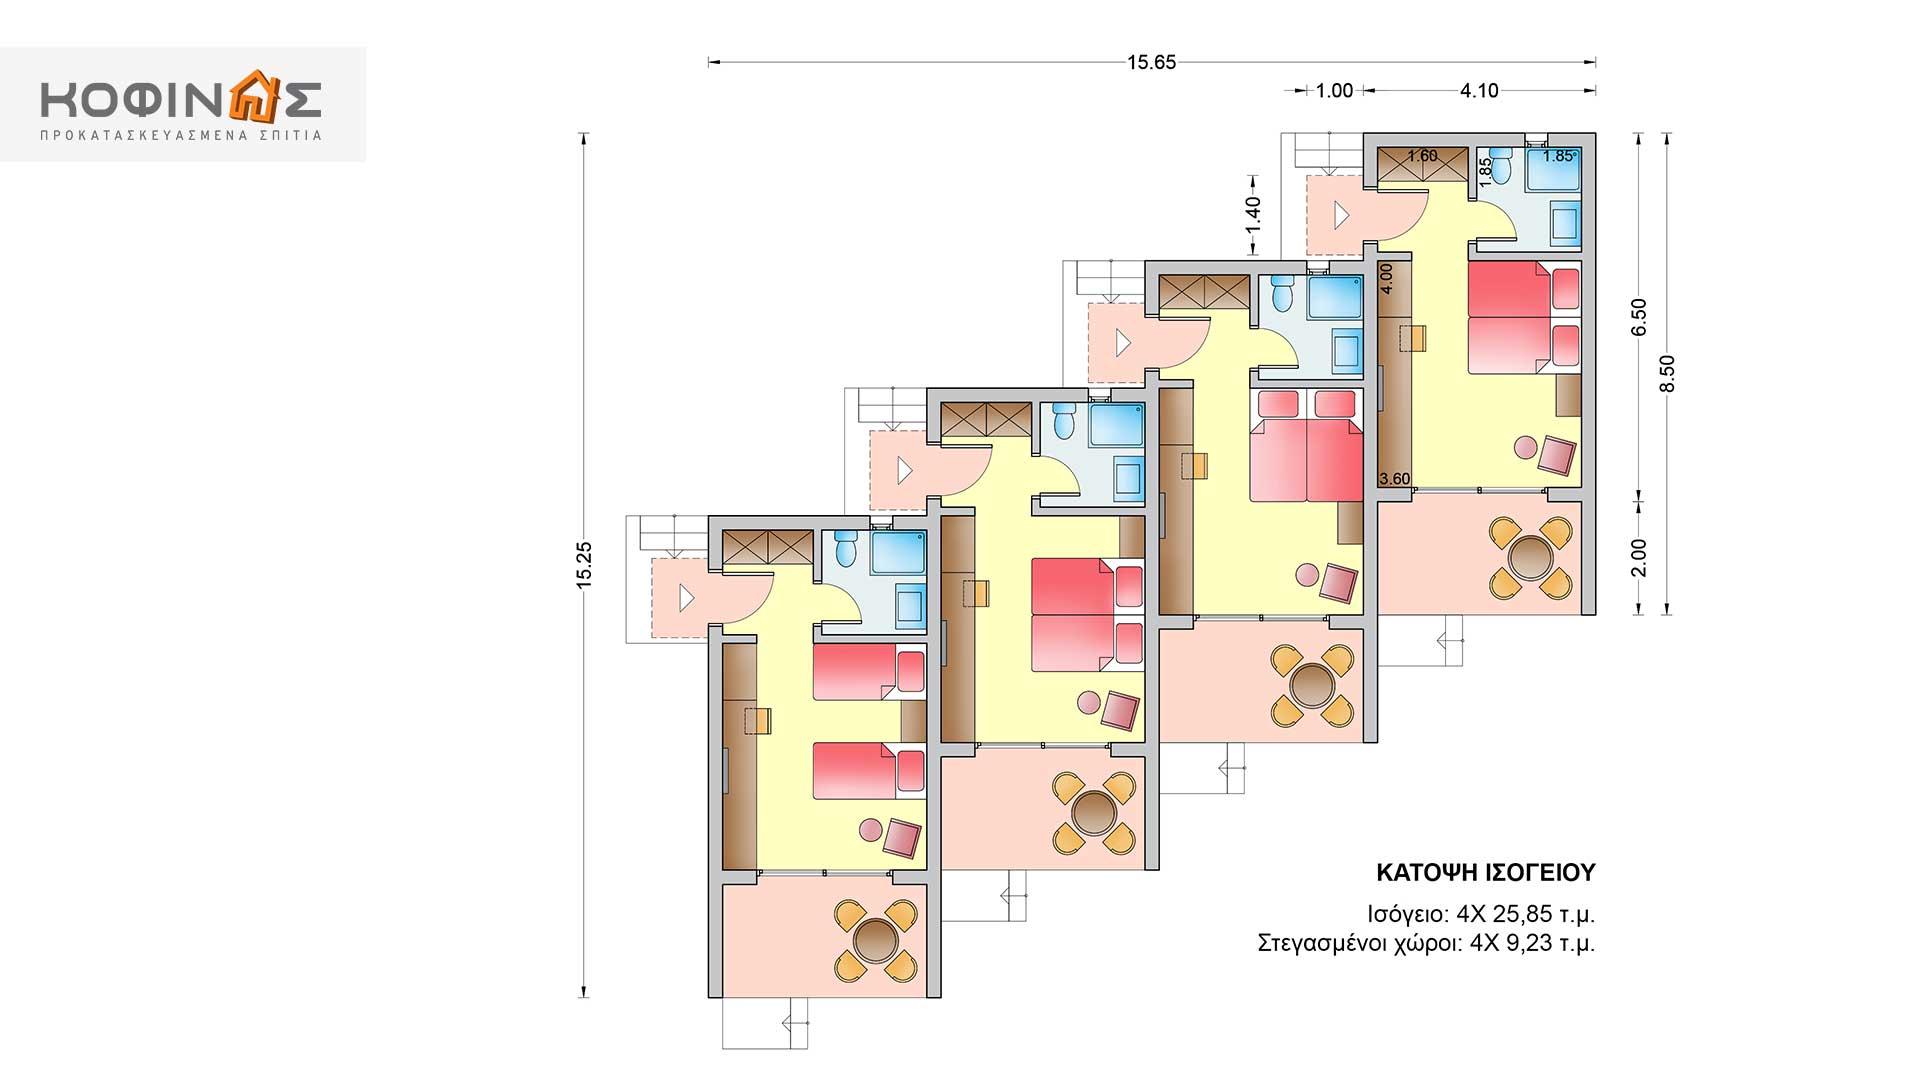 Συγκρότημα Κατοικιών E-25a, συνολικής επιφάνειας 4 x 25,85 = 103.40 τ.μ.